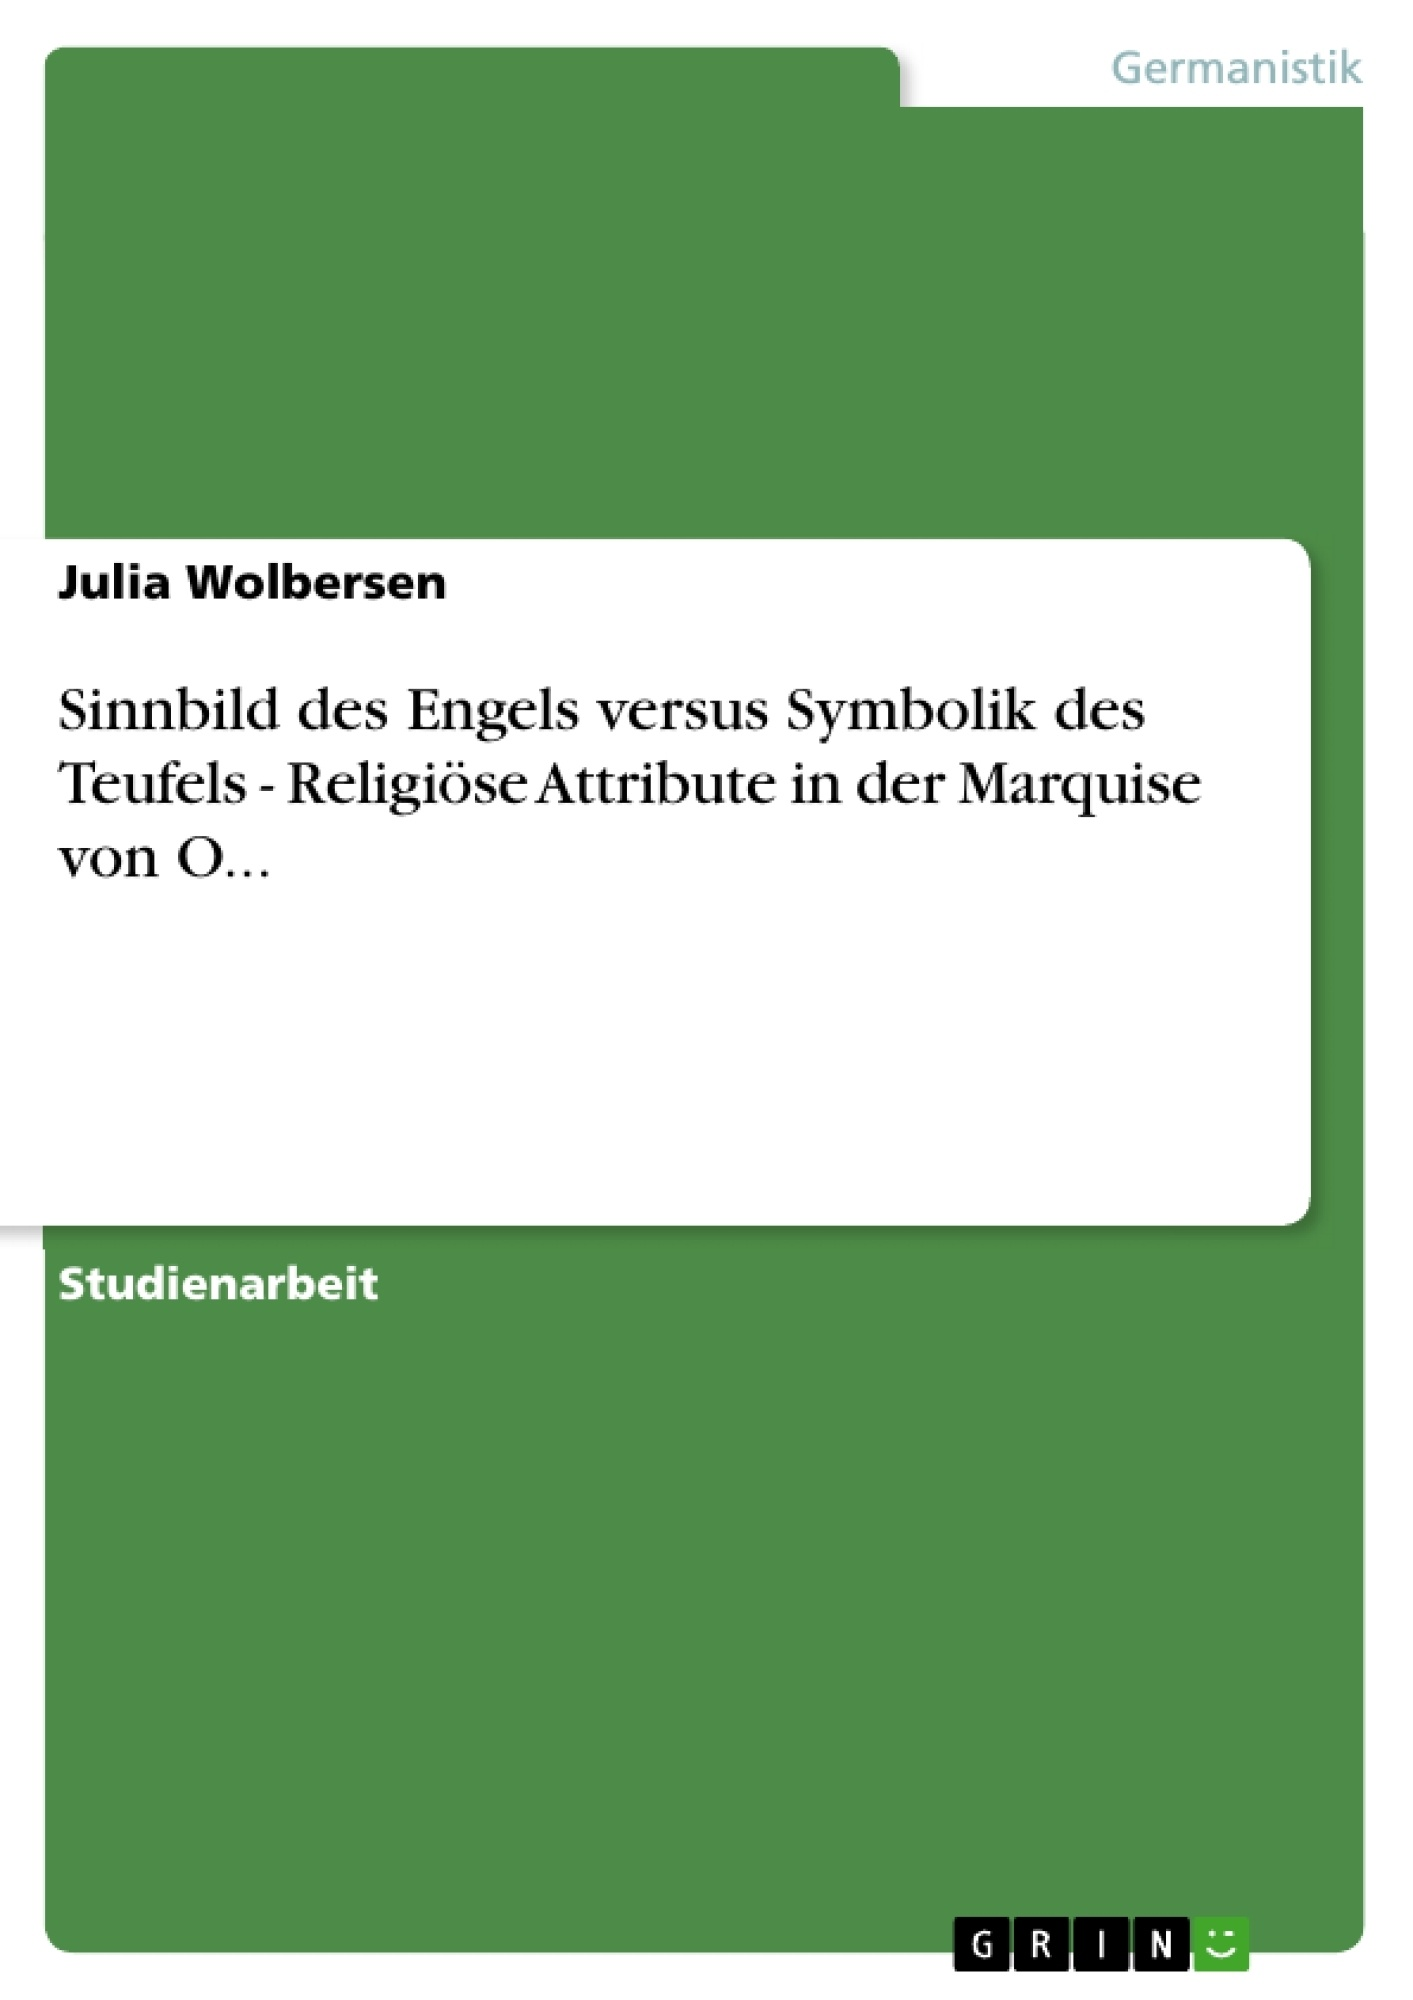 Titel: Sinnbild des Engels versus Symbolik des Teufels - Religiöse Attribute in der Marquise von O...